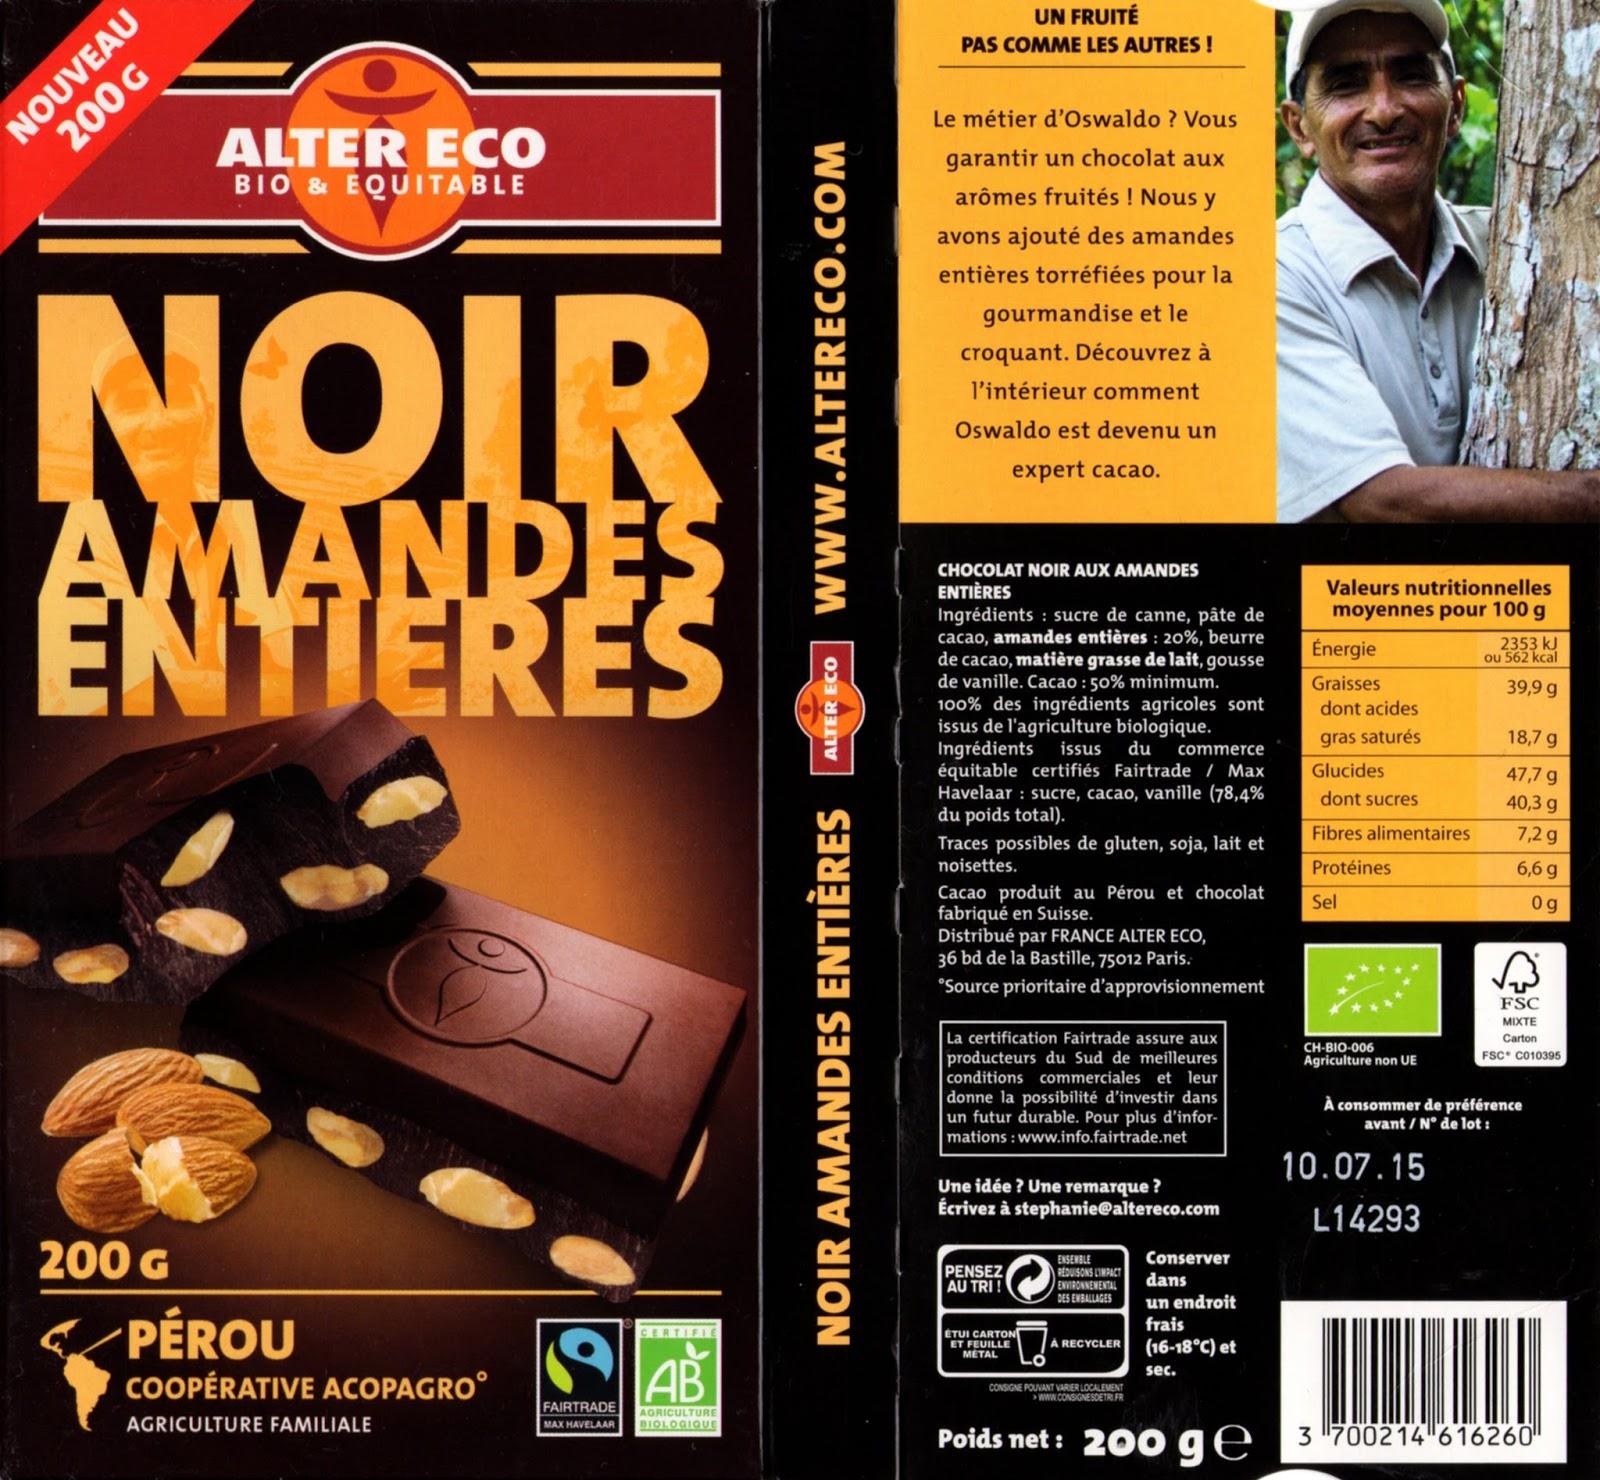 tablette de chocolat noir gourmand alter eco pérou noir amandes entières